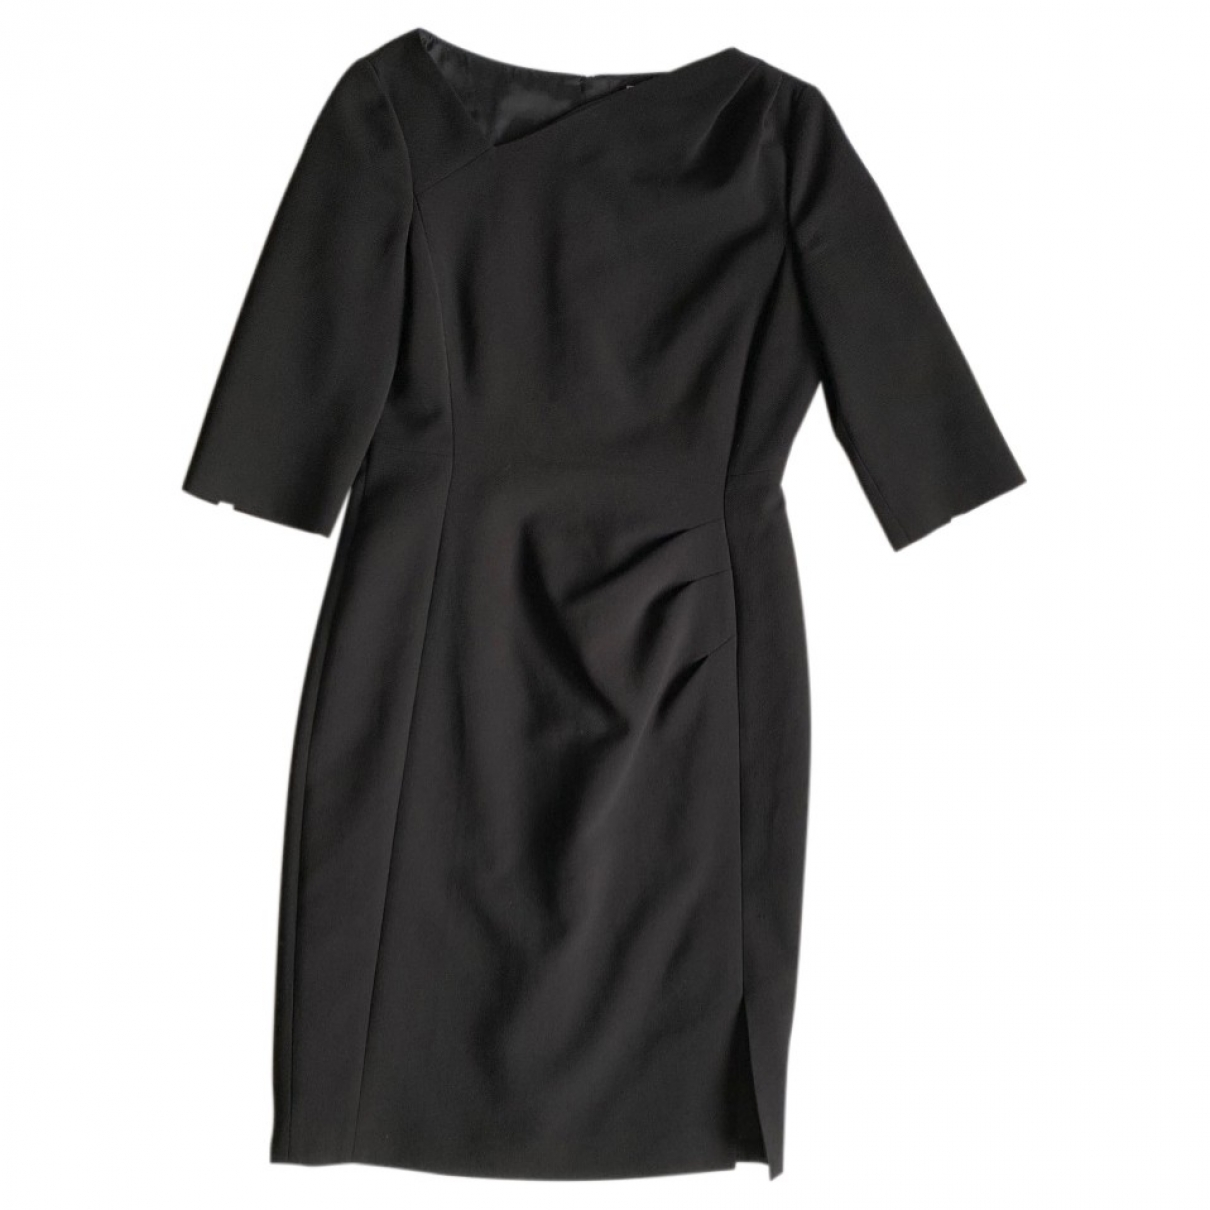 Lk Bennett \N Black dress for Women 12 UK